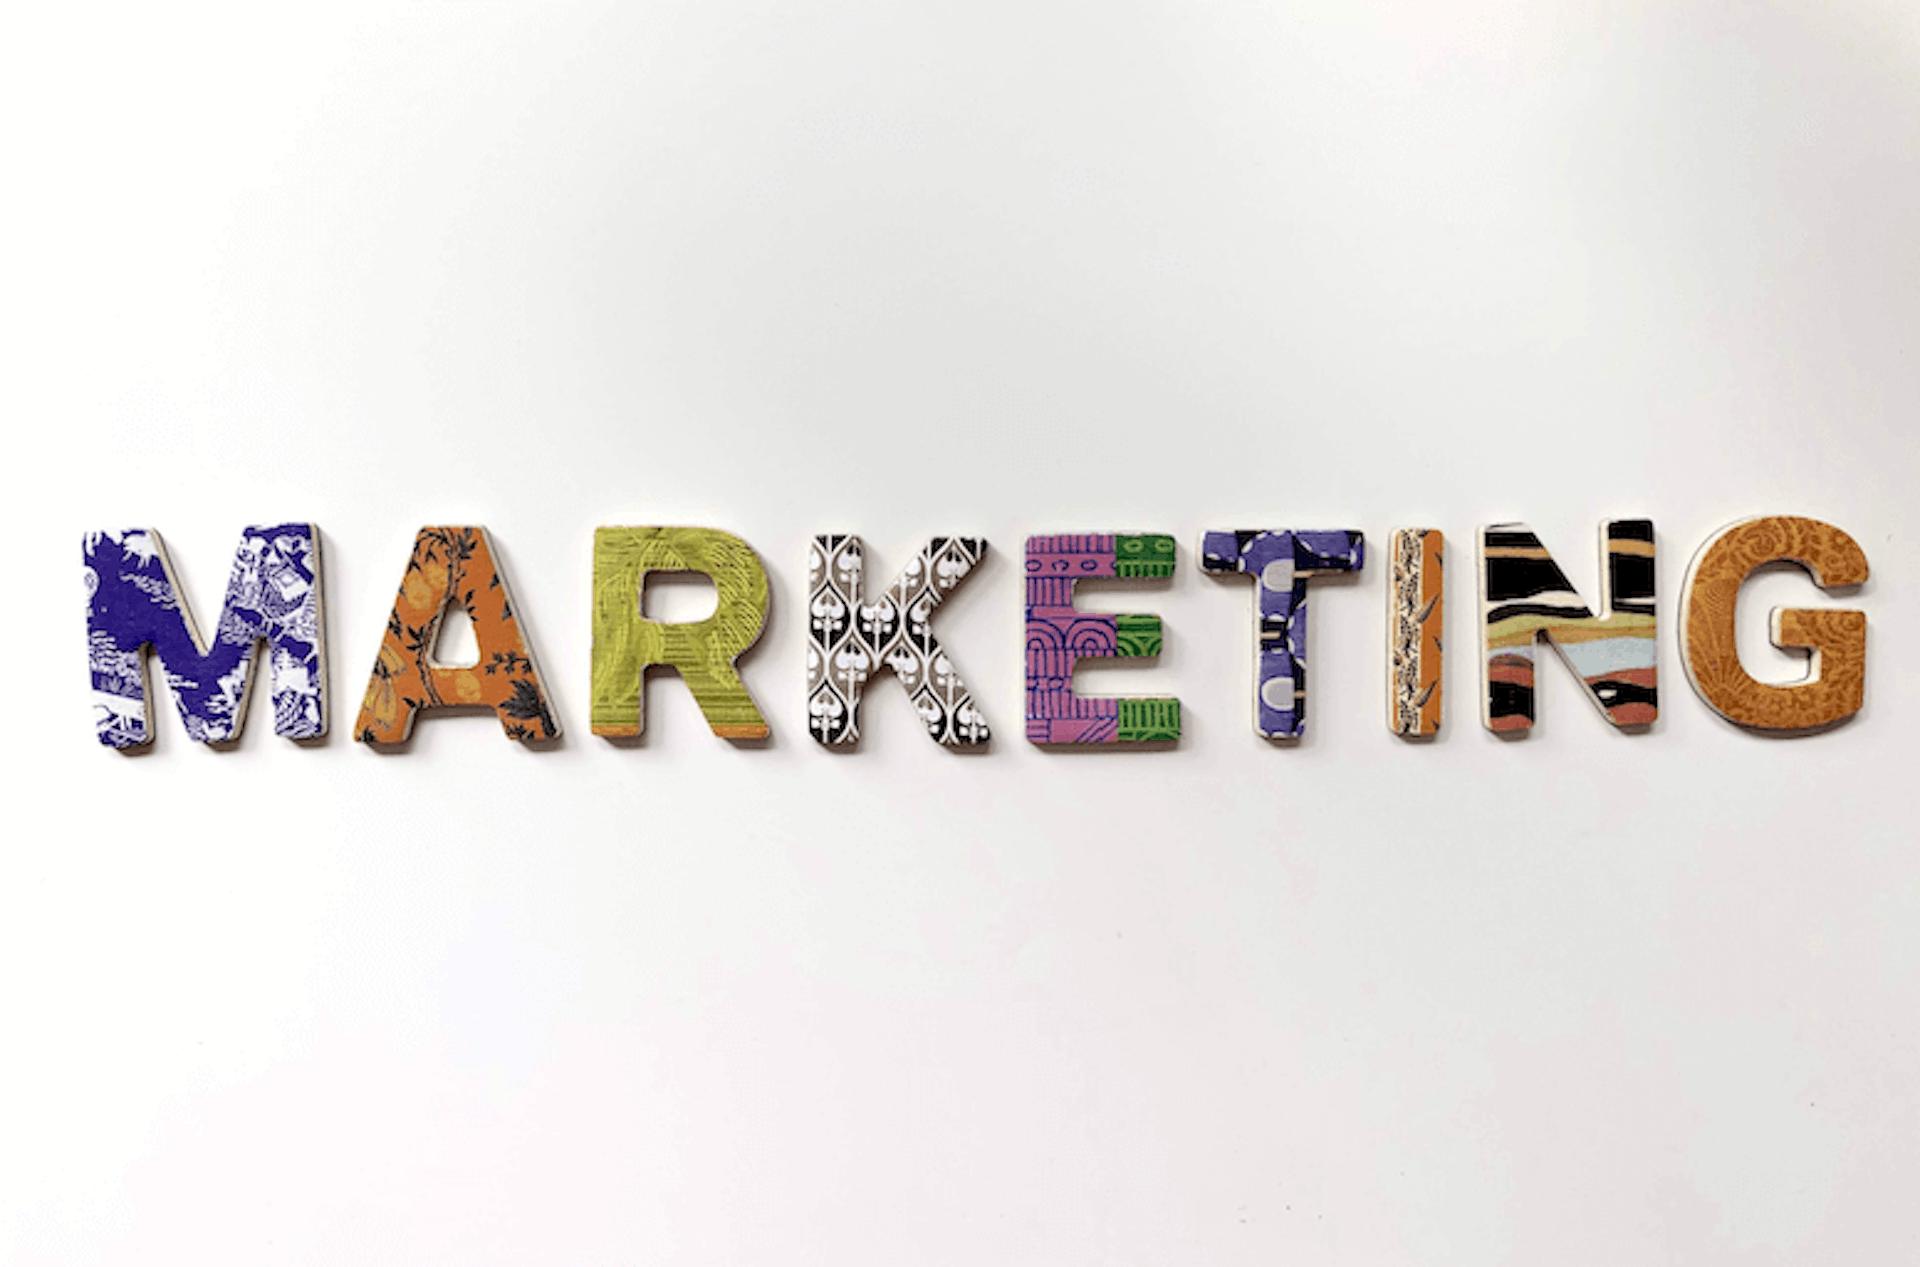 ¡Solo para negocios exitosos!: Marketing estratégico y operativo